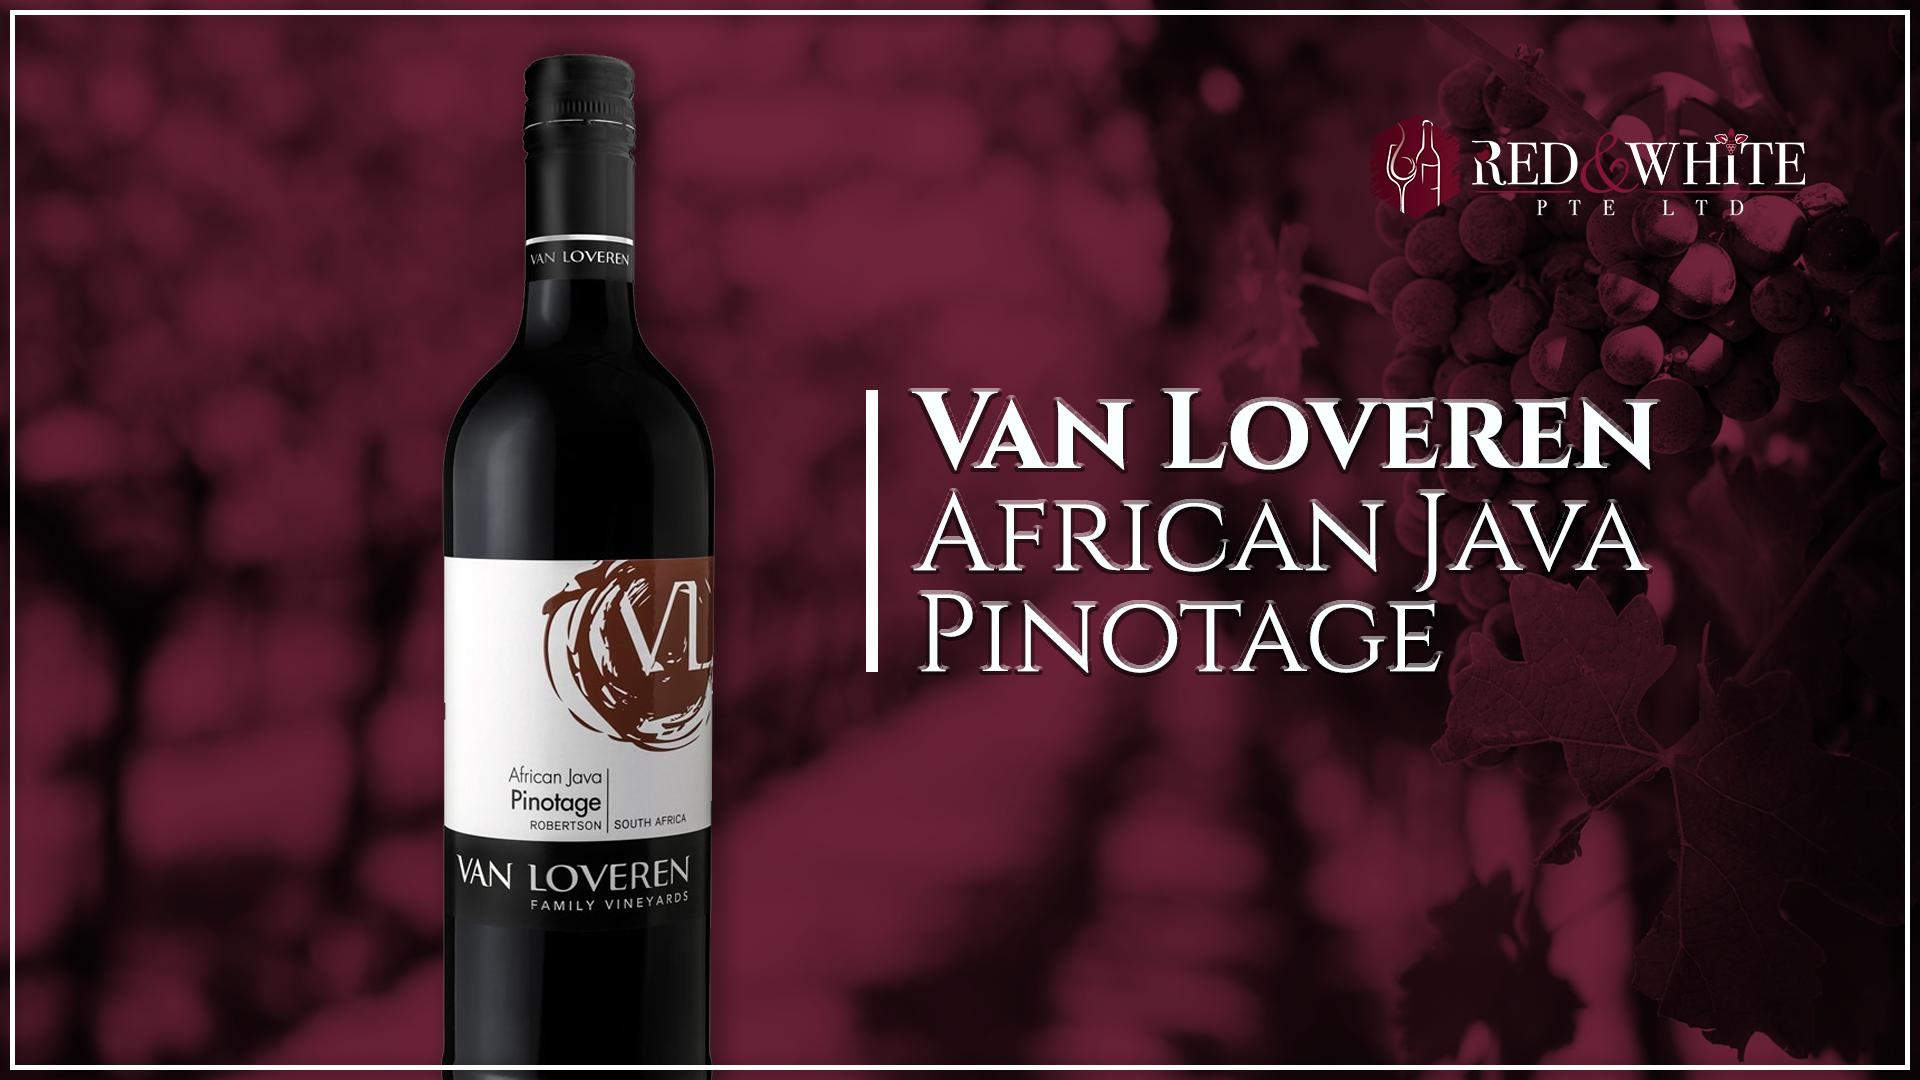 Van Loveren African Java Pinotage